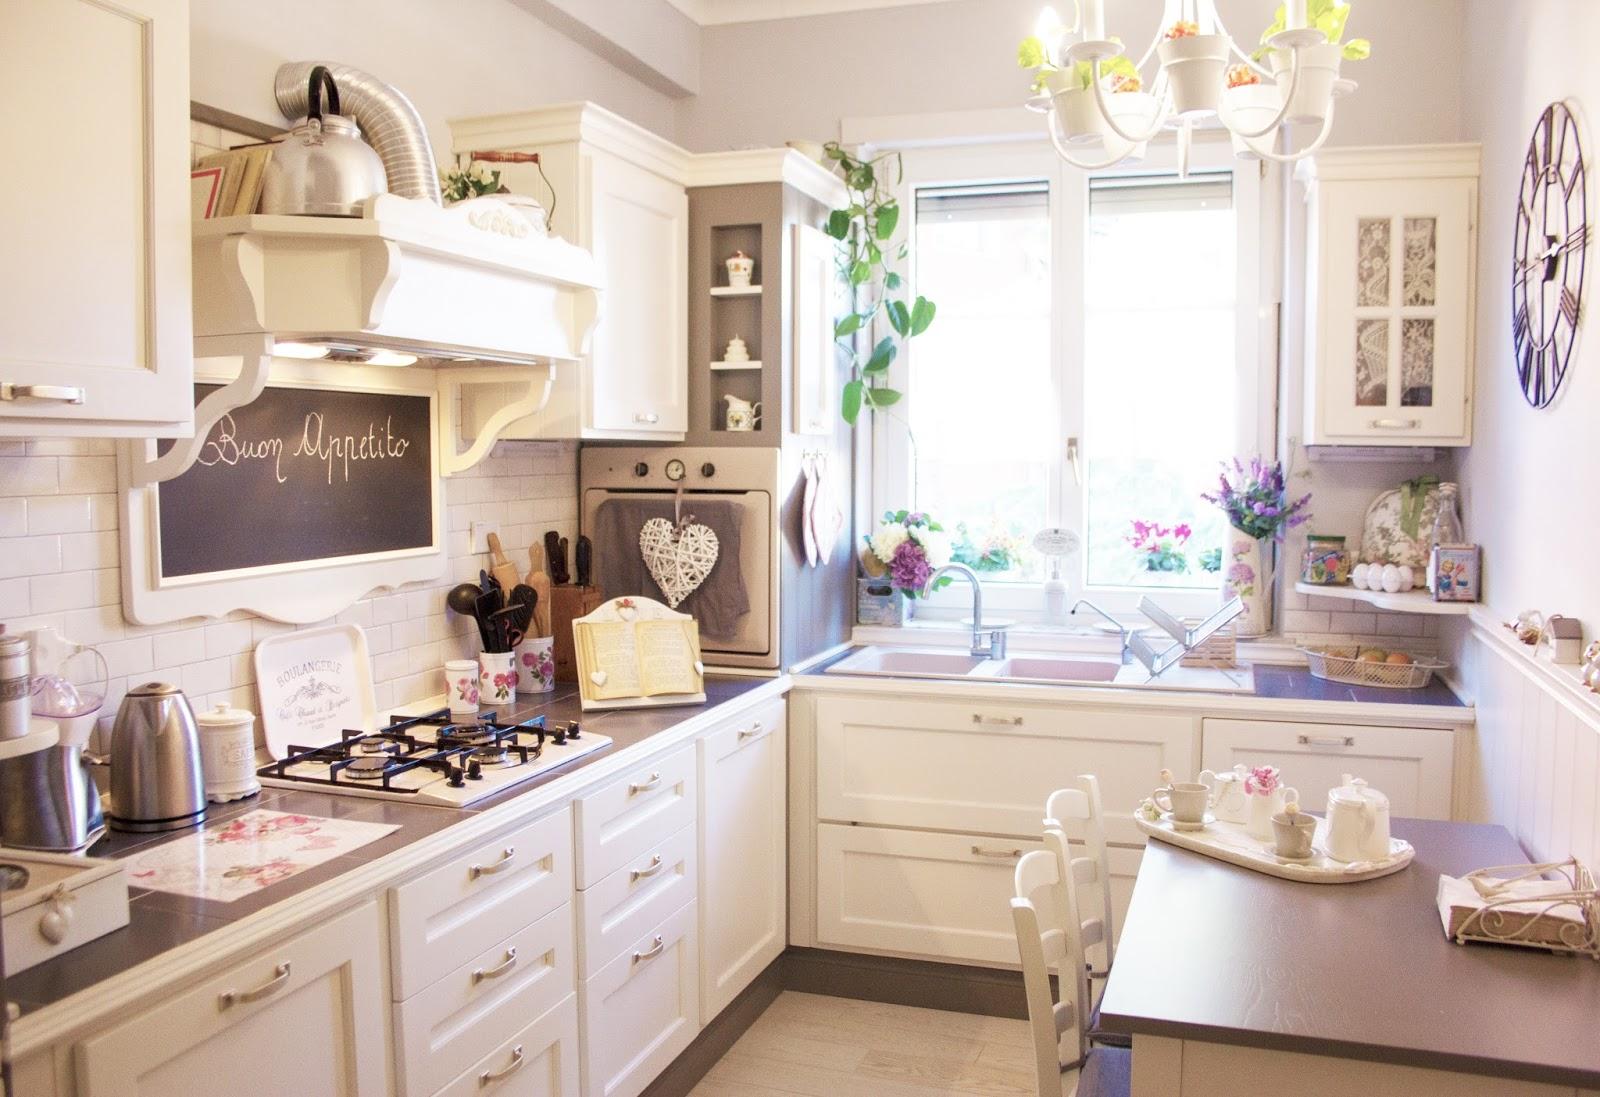 Come arredare una cucina shabby riutilizzando vecchi oggetti for Shabby chic moderno